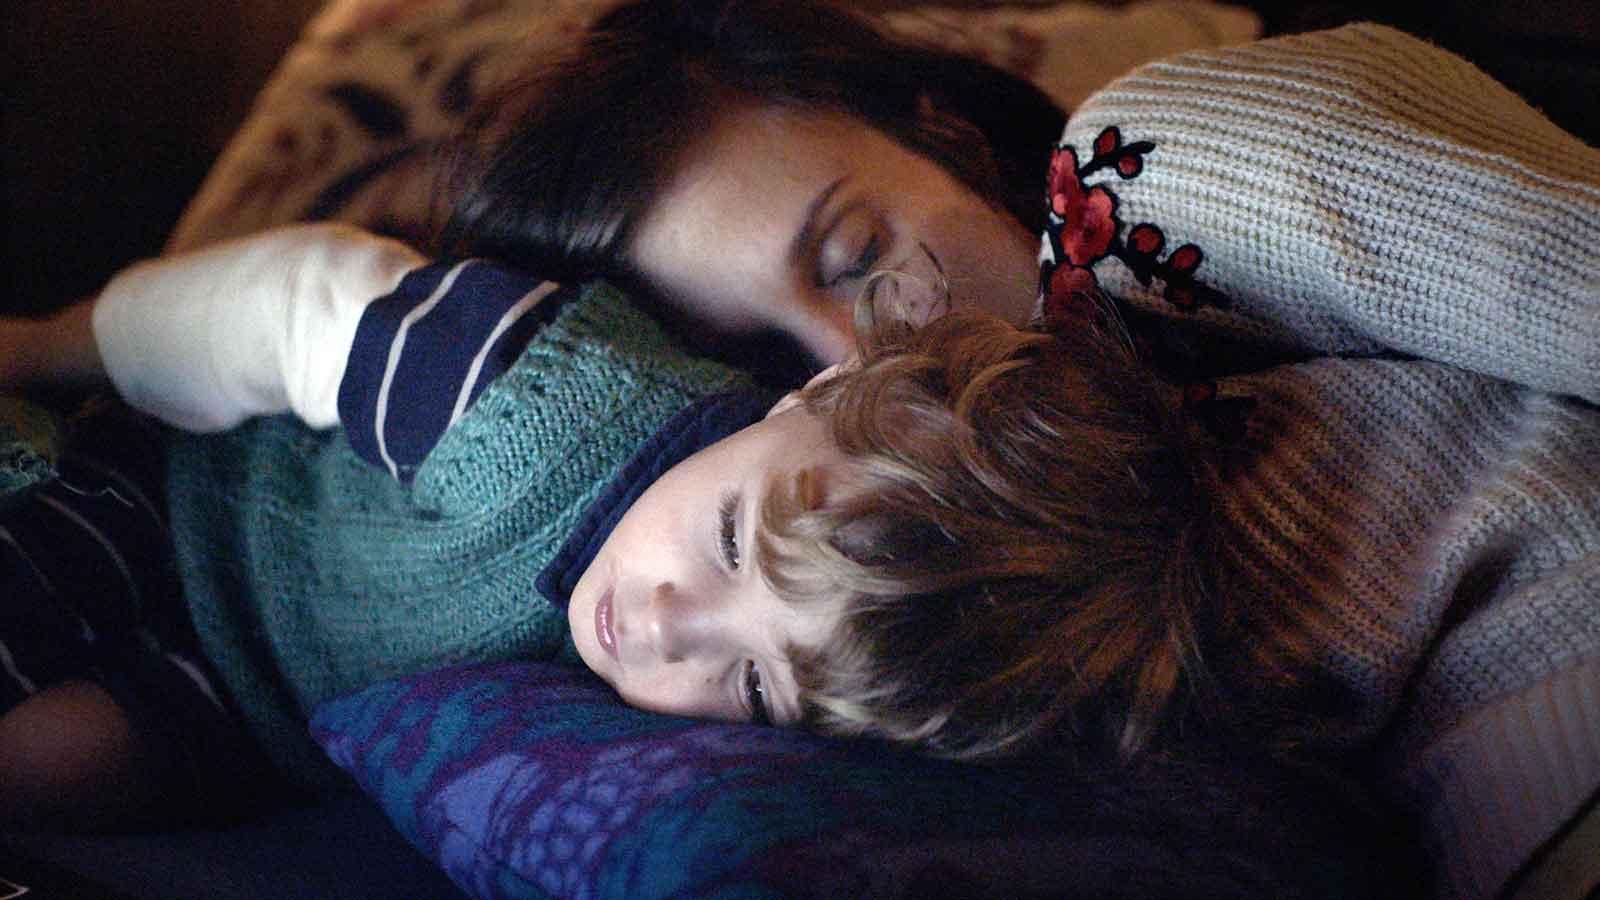 L'Alternativa 2019 – Moving Cinema – Joves Espectadors & Joves Recomanadors